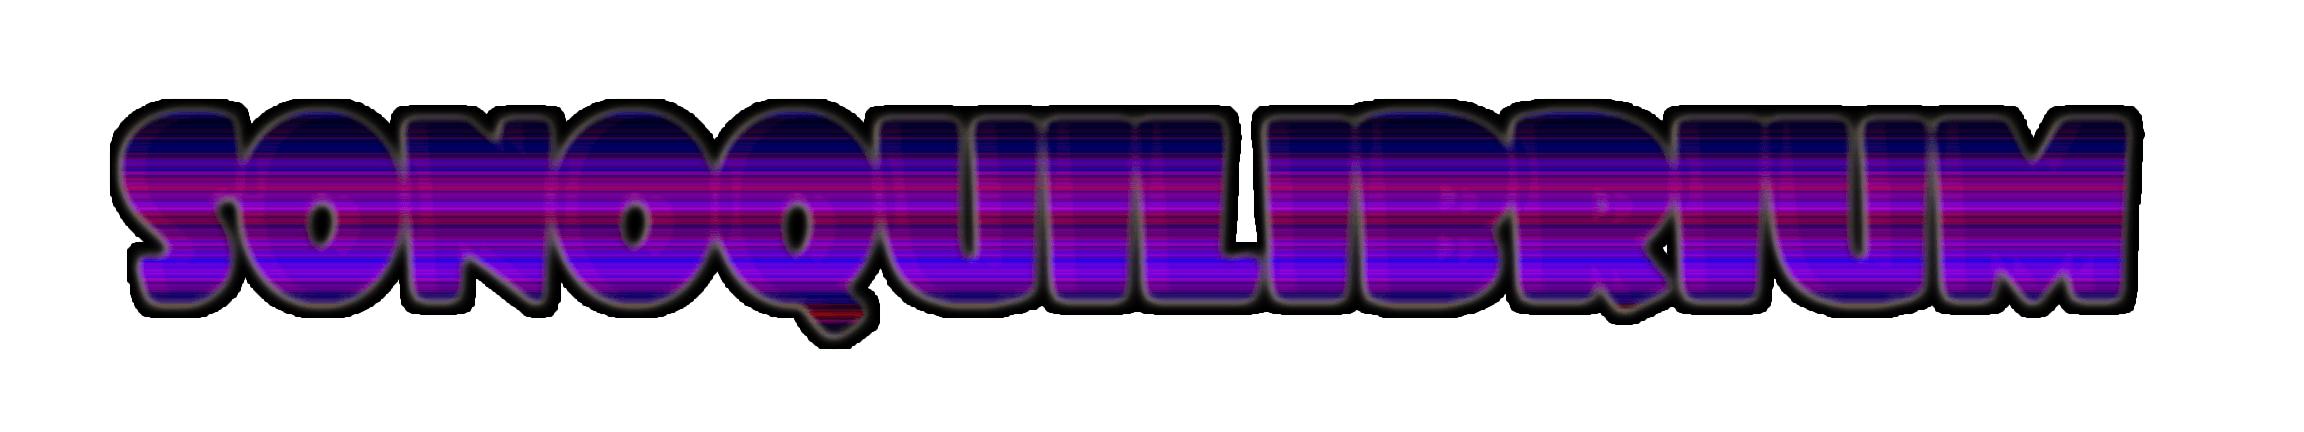 logo-stuff_stroke_